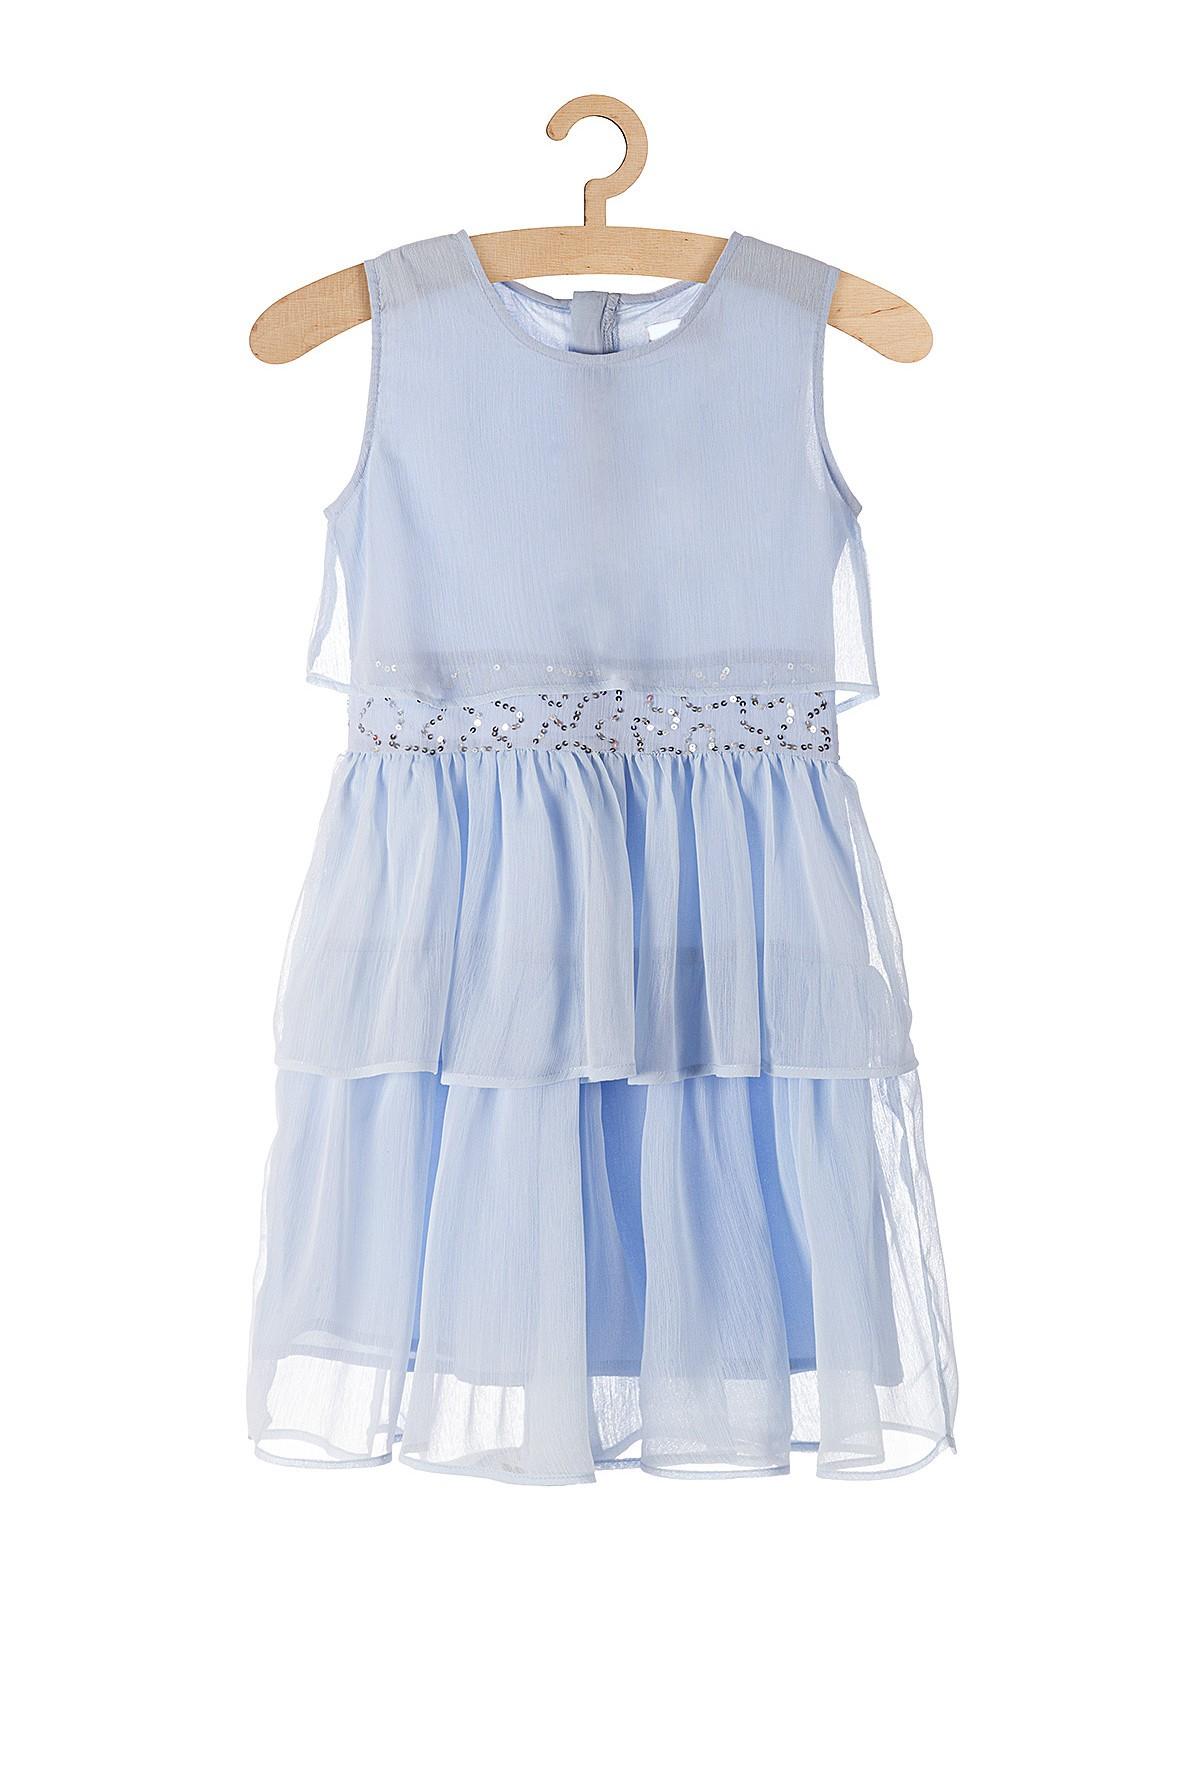 Elegancka sukienka dla dziewczynki- niebieska z ozdobnymi cekinami w pasie